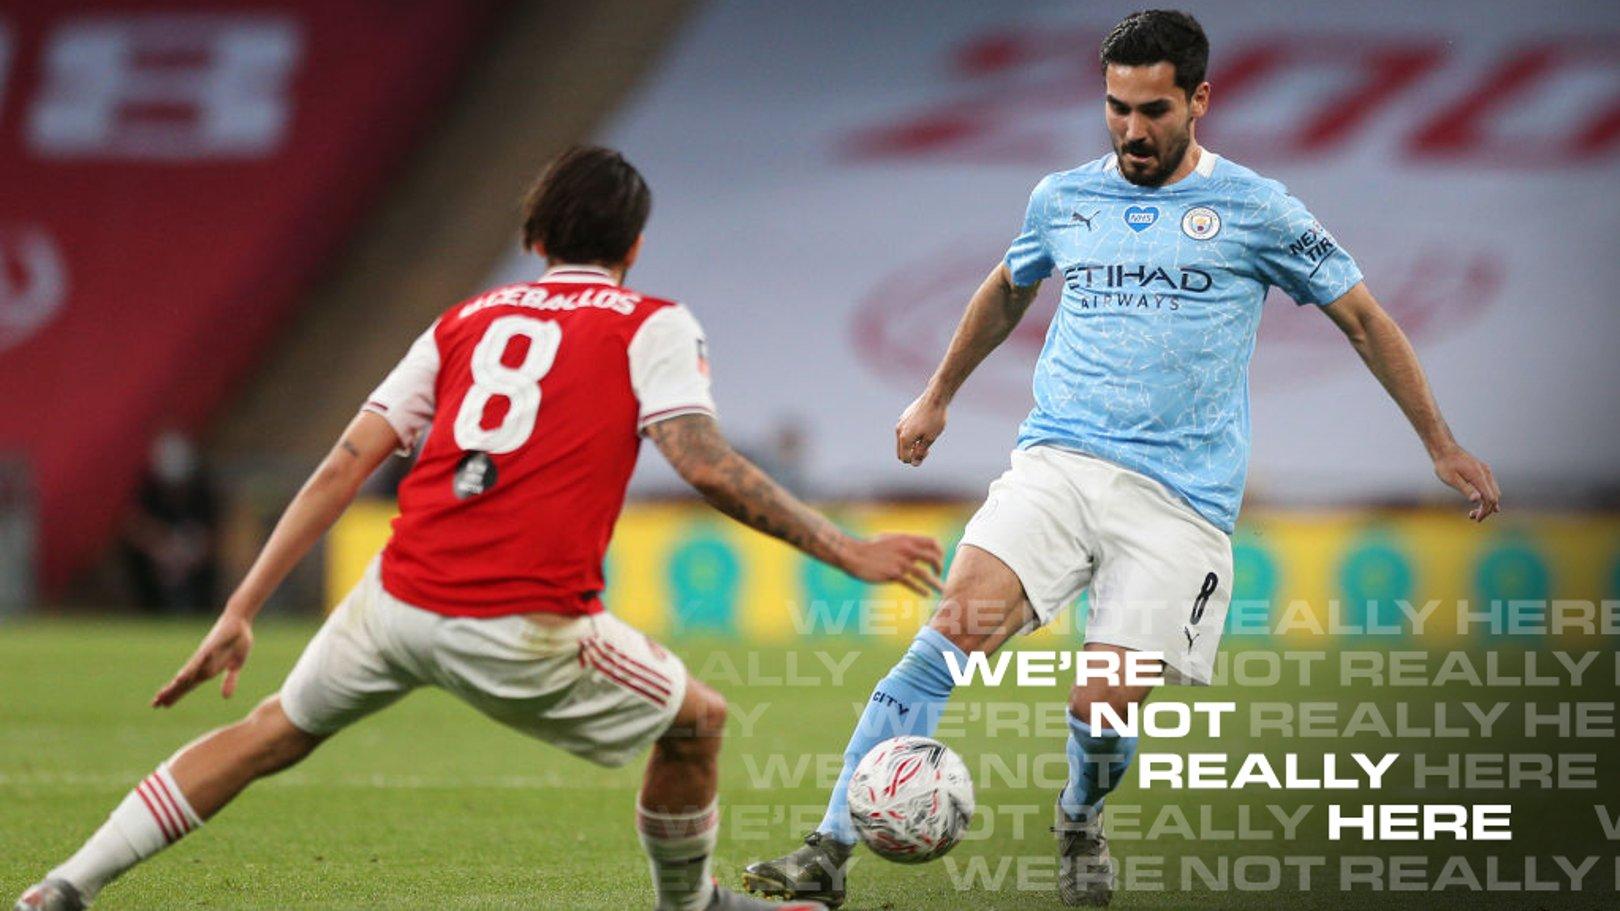 Gundogan offers honest assessment of FA Cup defeat